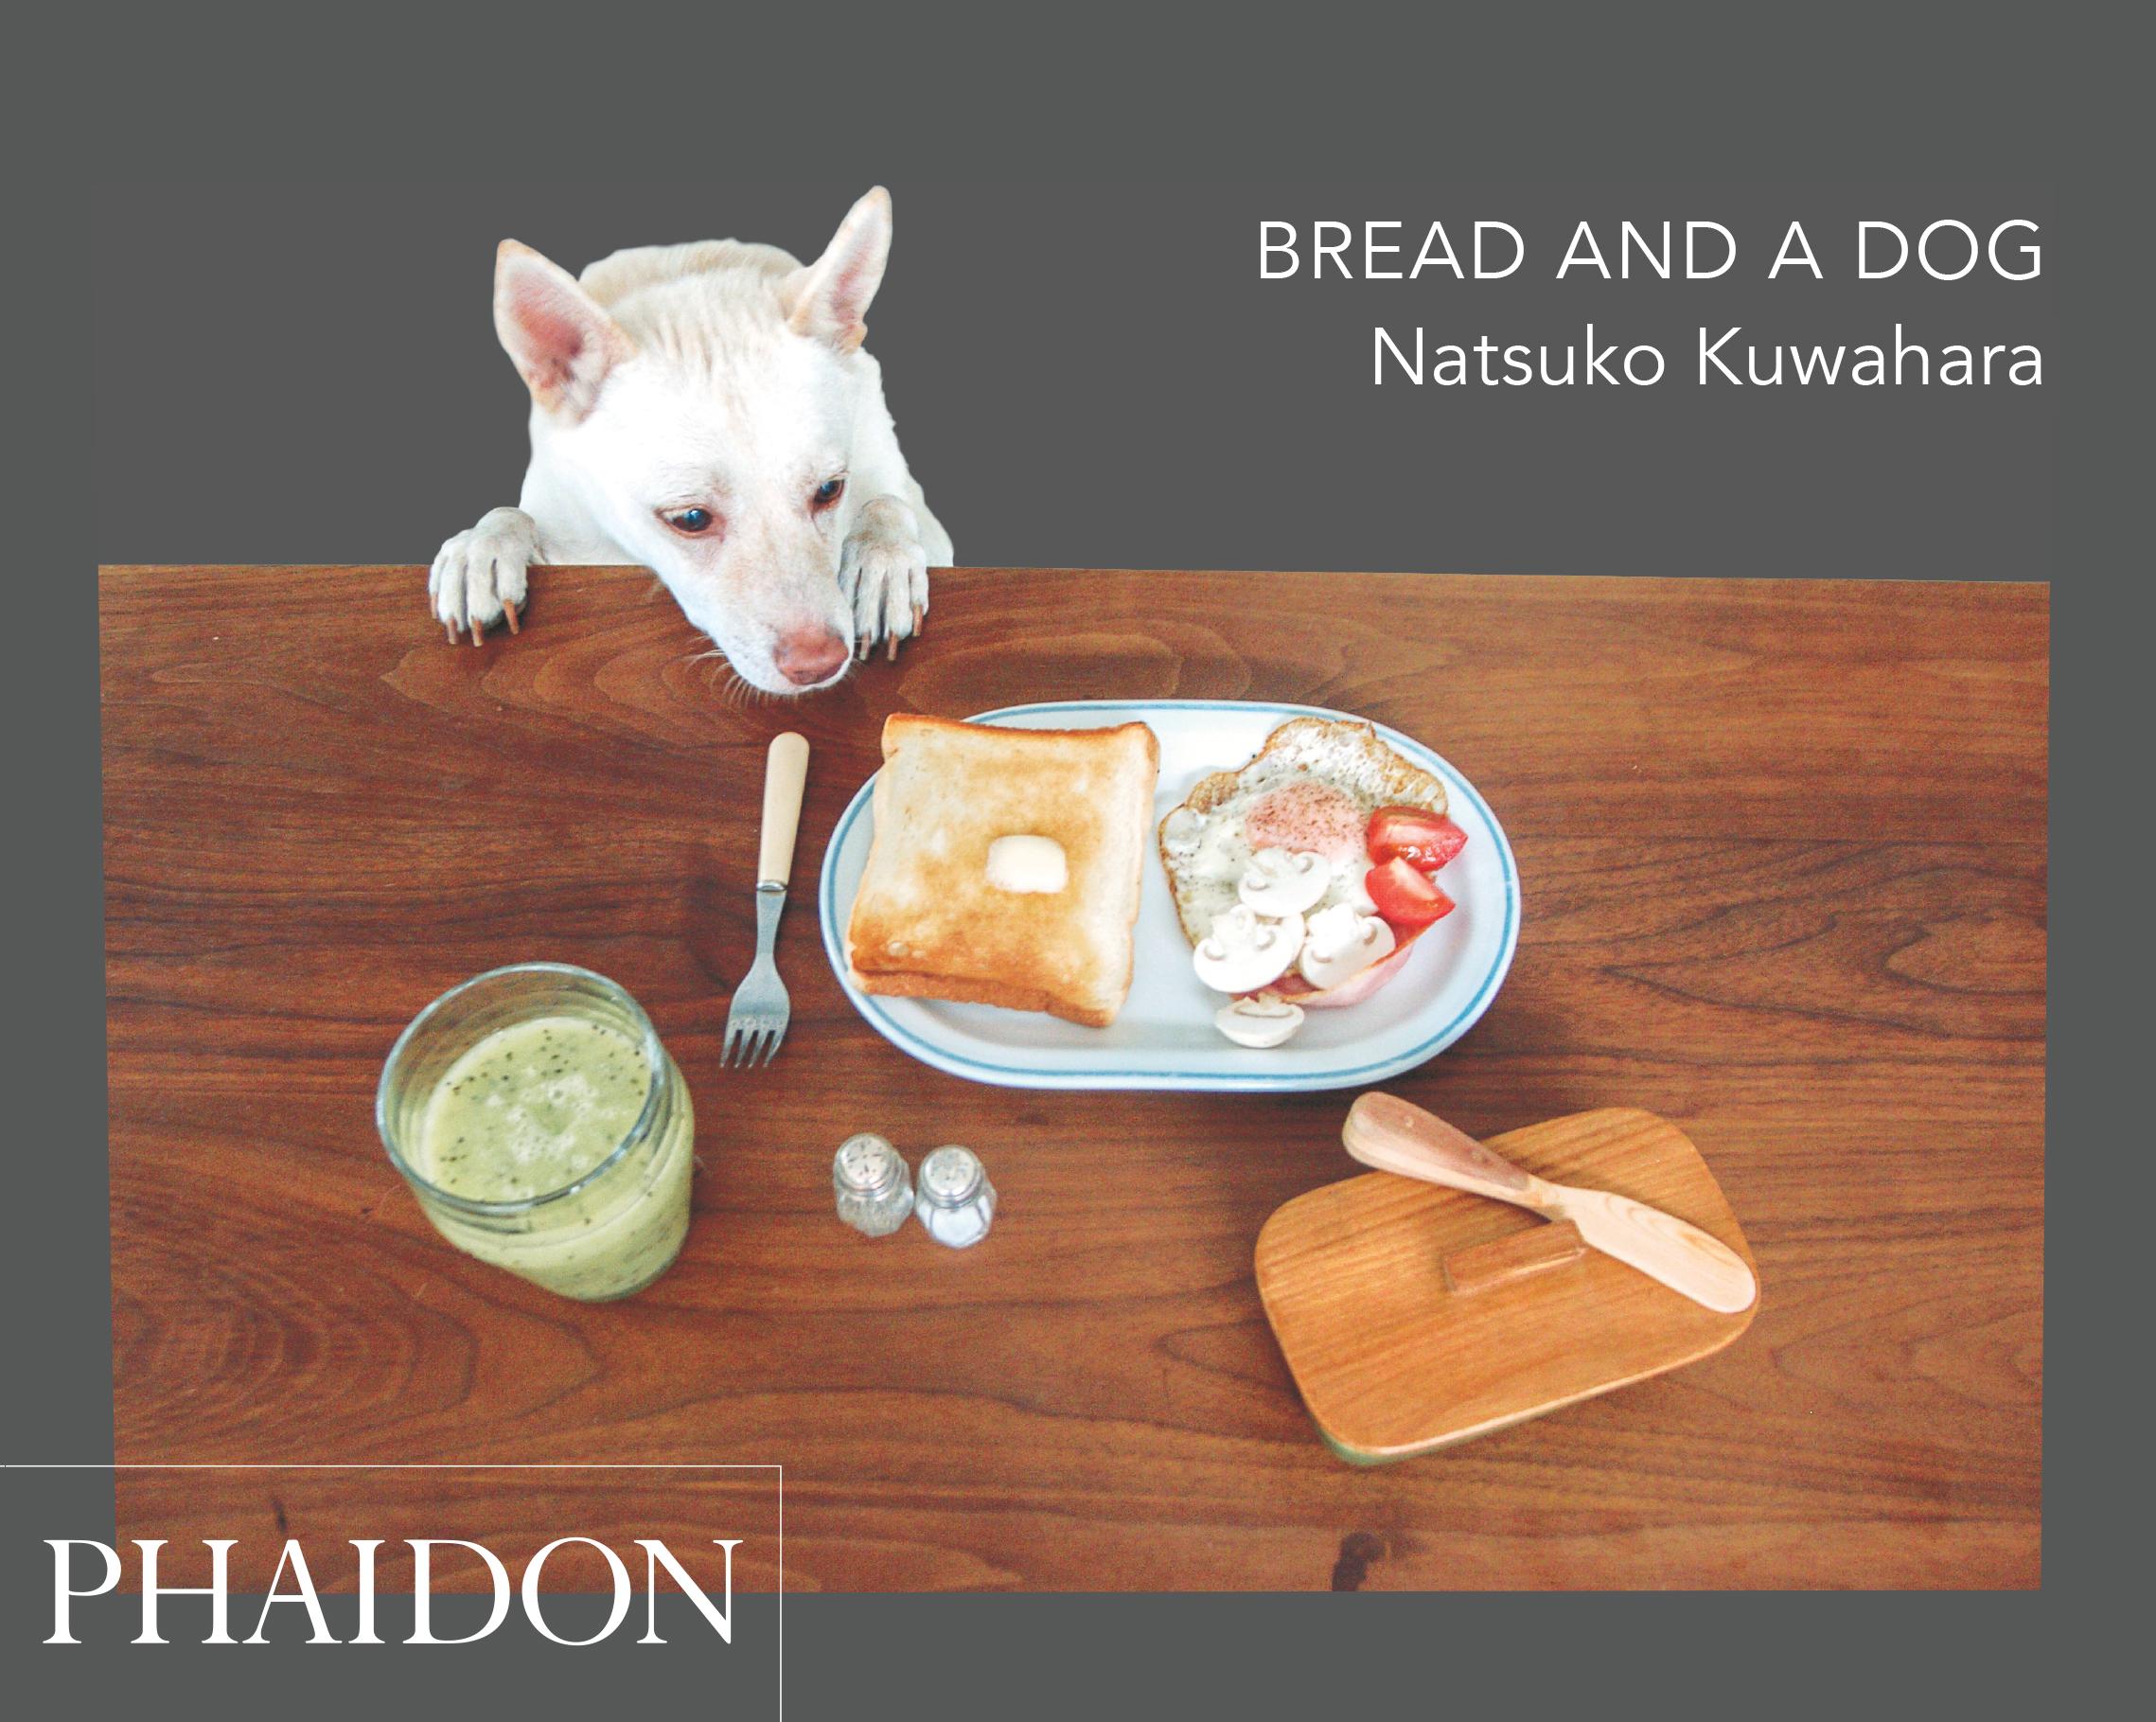 """100 fotografie che raccontano una tipica mattinata nella vita di un food stylist. Natsuko Kuwahara """"Bread and a Dog"""", Phaidon."""